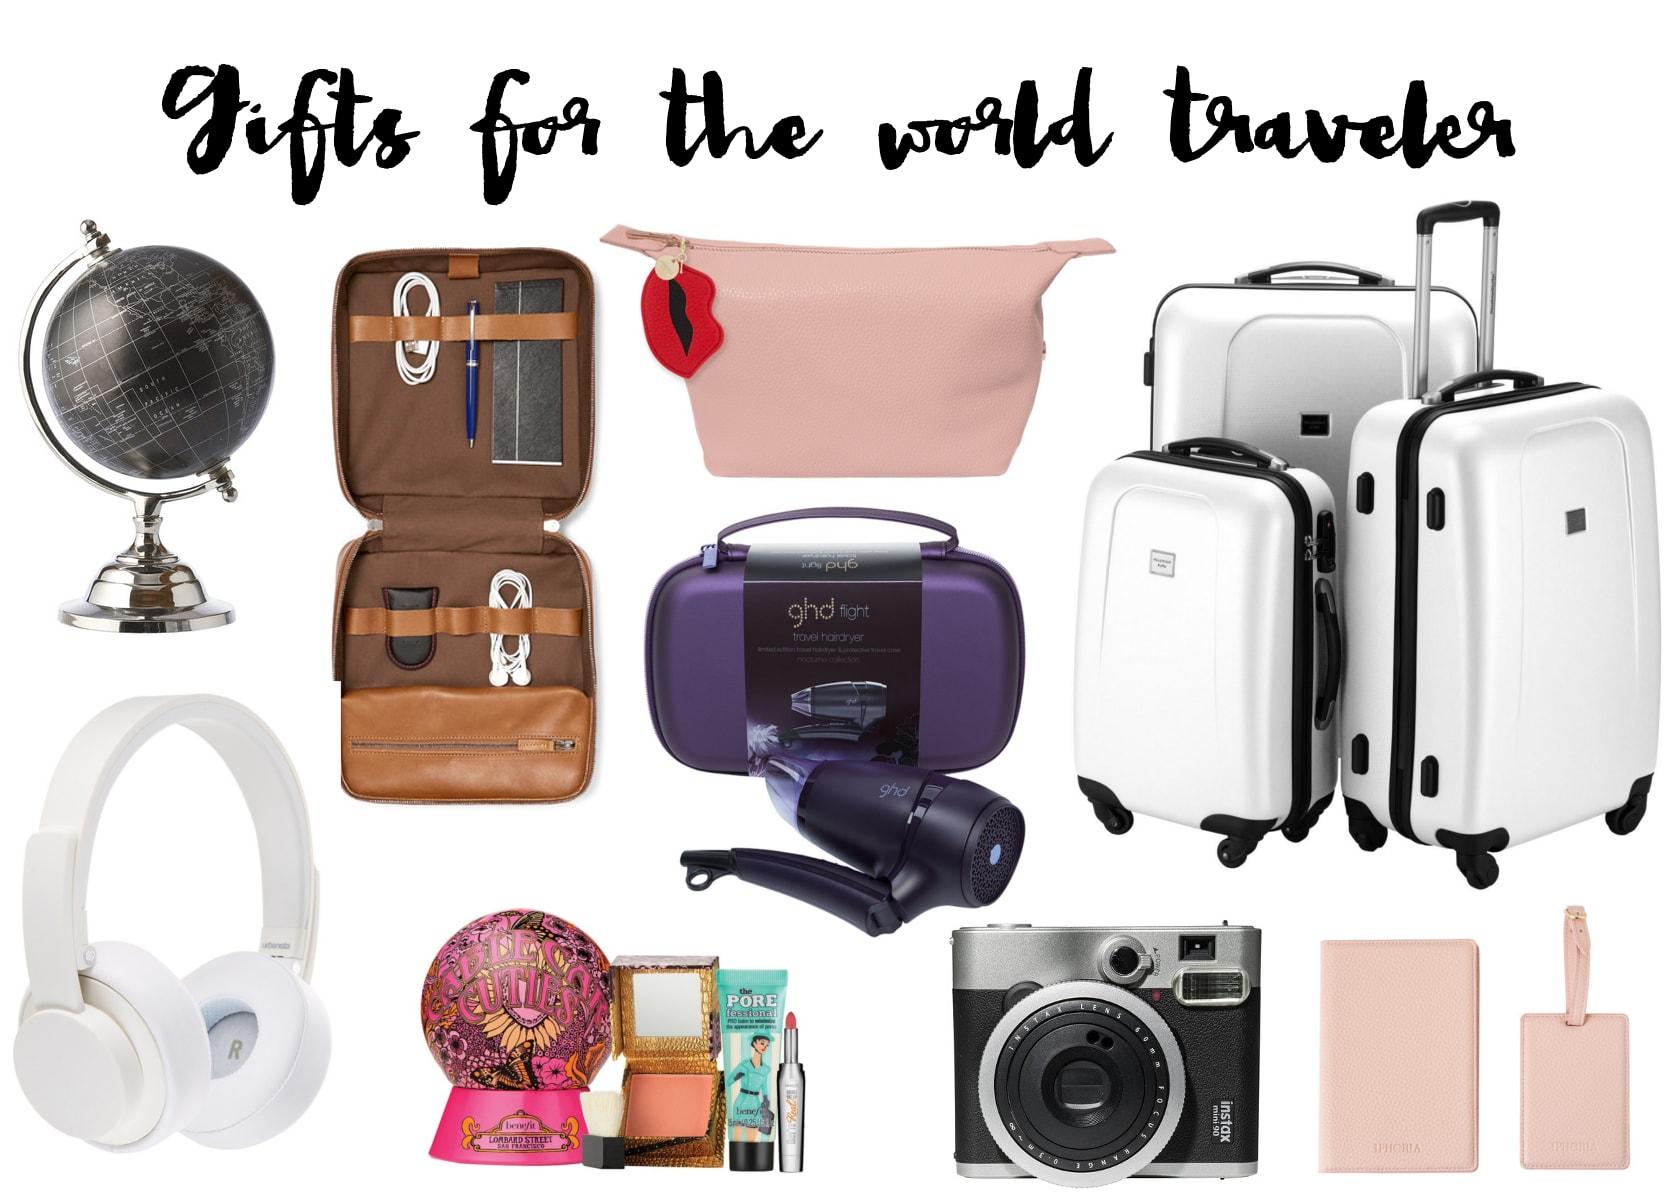 geschenkideen fuer frauen freundin weltenbummler geschenke girls travel min leonie l wenherz. Black Bedroom Furniture Sets. Home Design Ideas